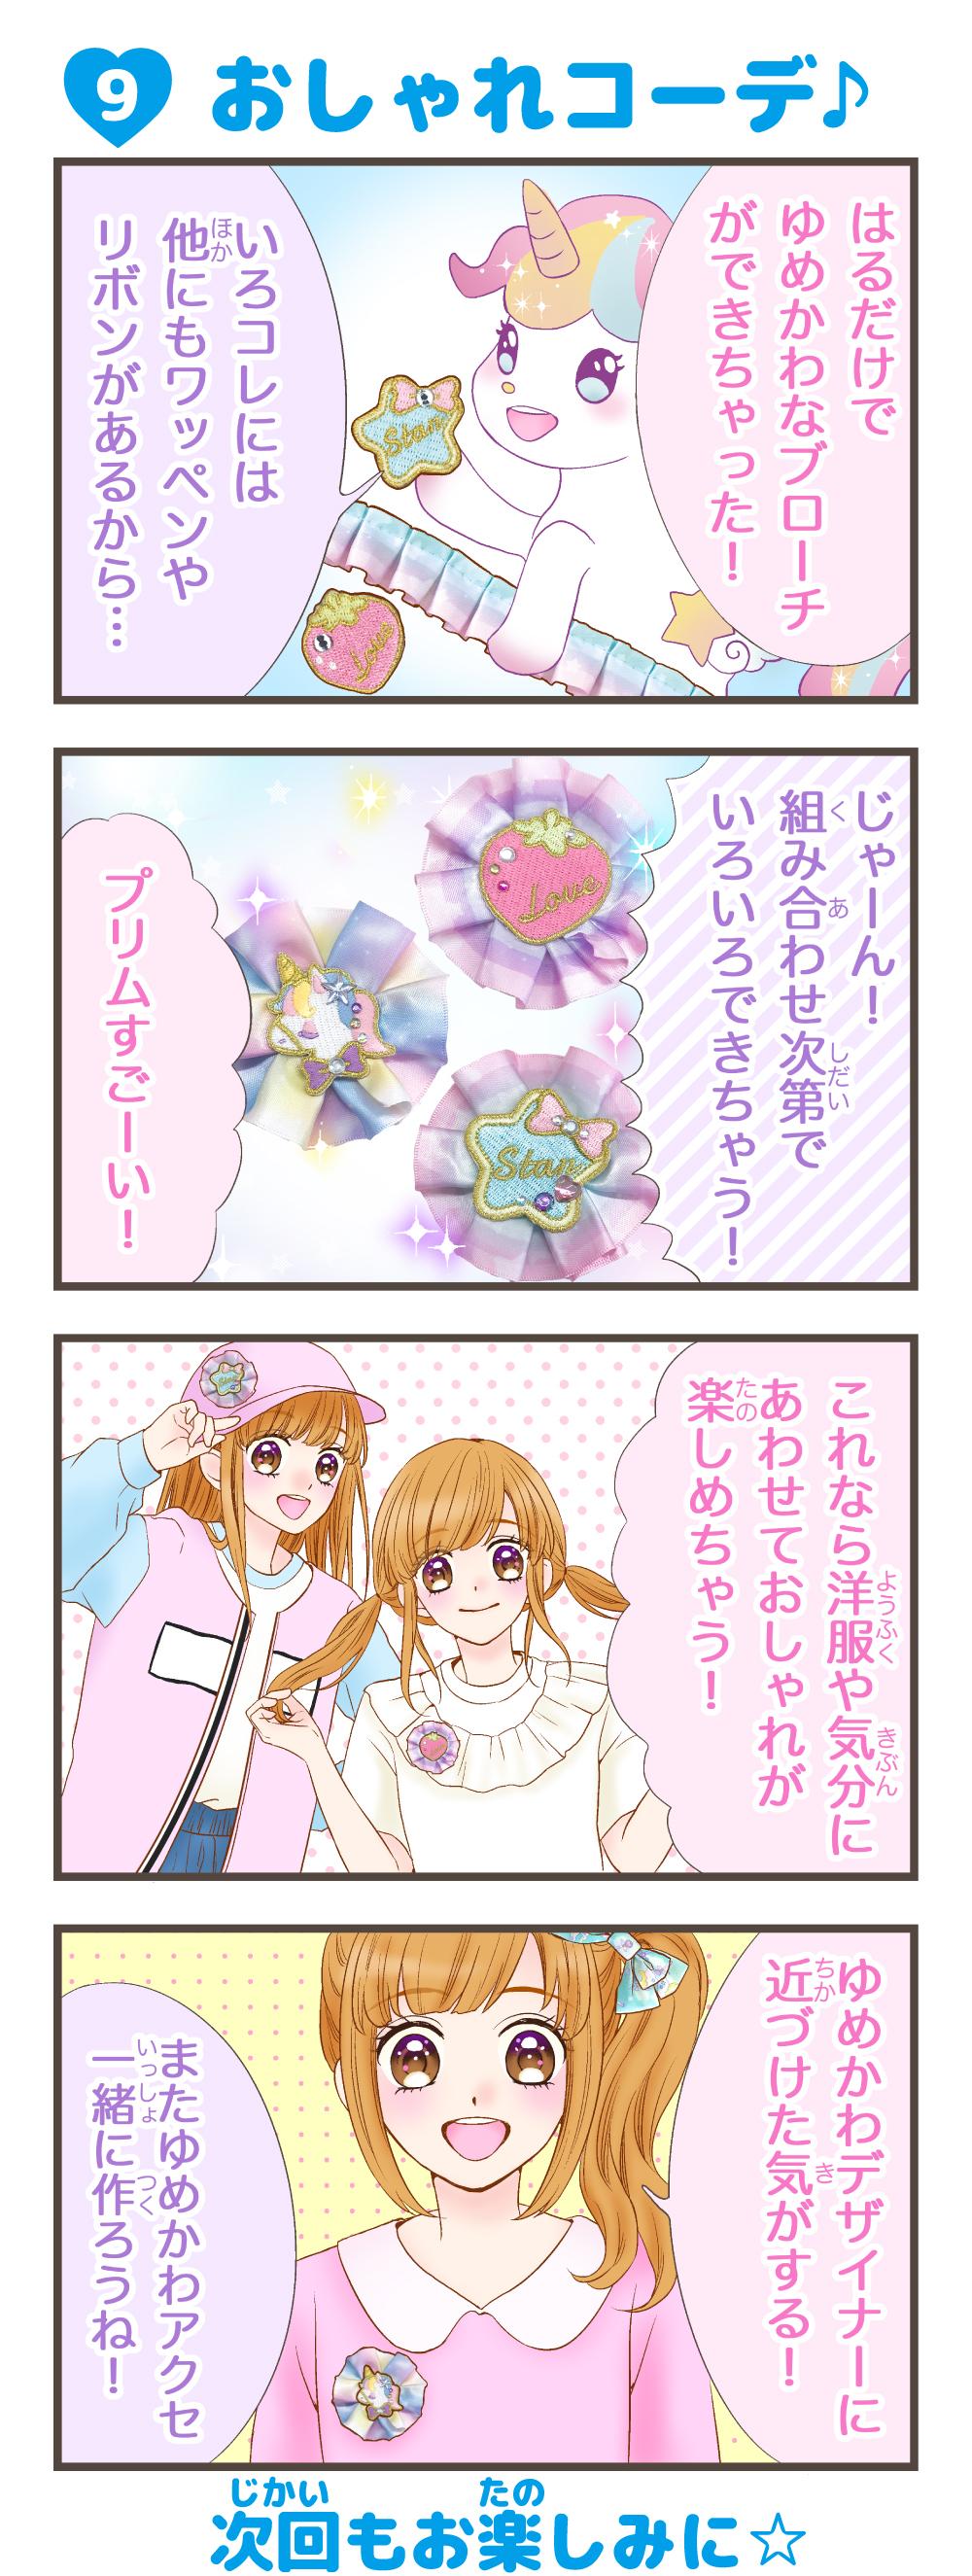 いろコレ漫画9話